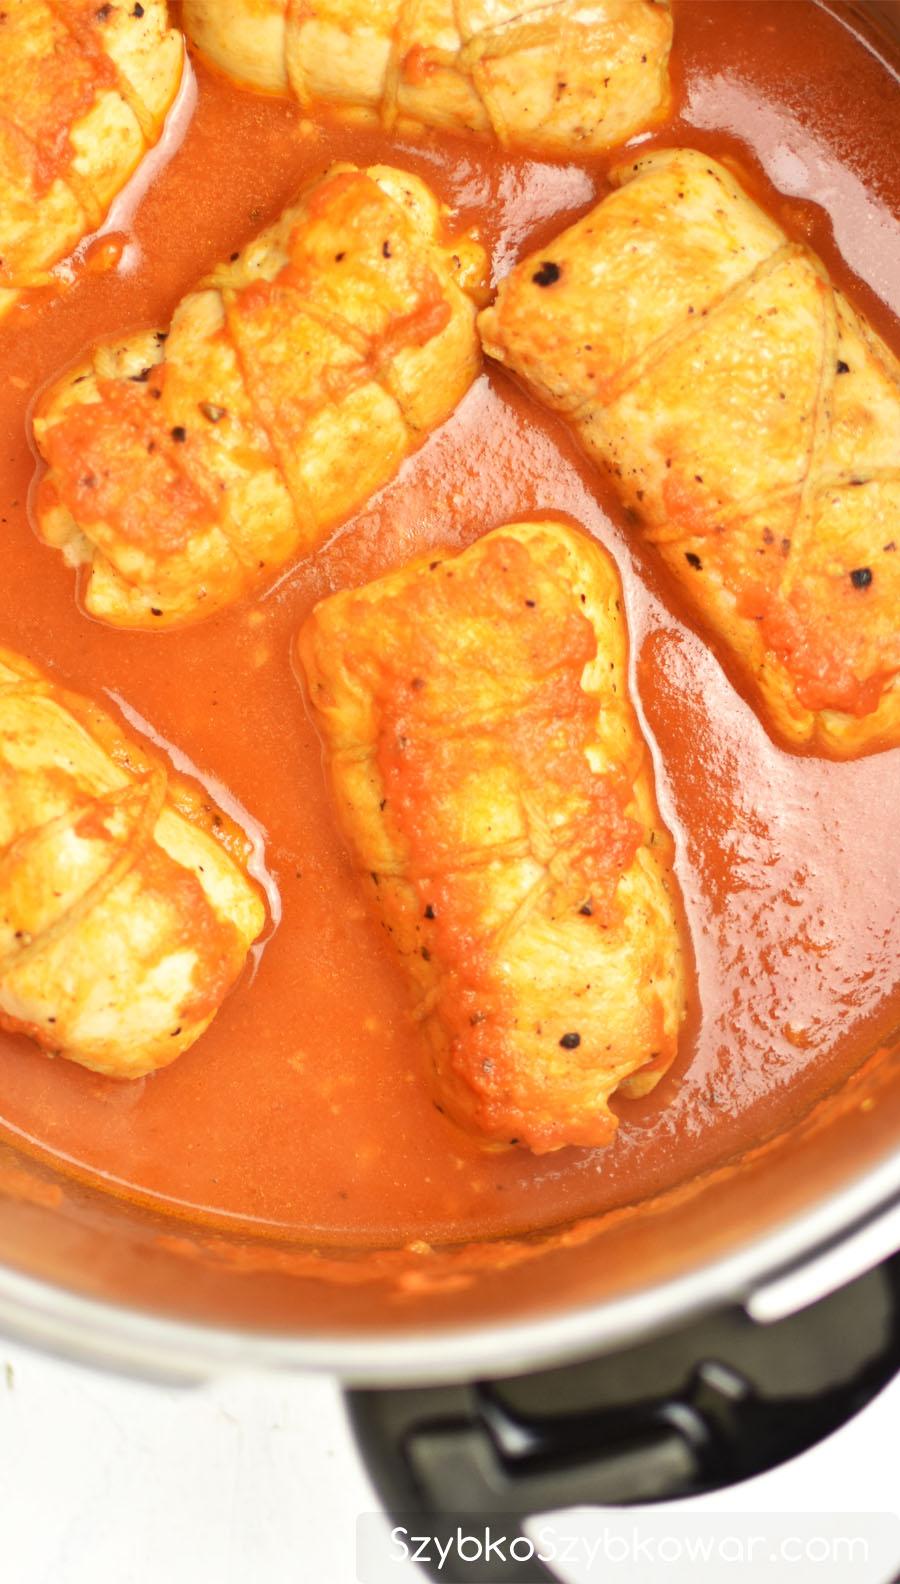 Rolady po ugotowaniu w sosie pomidorowym.